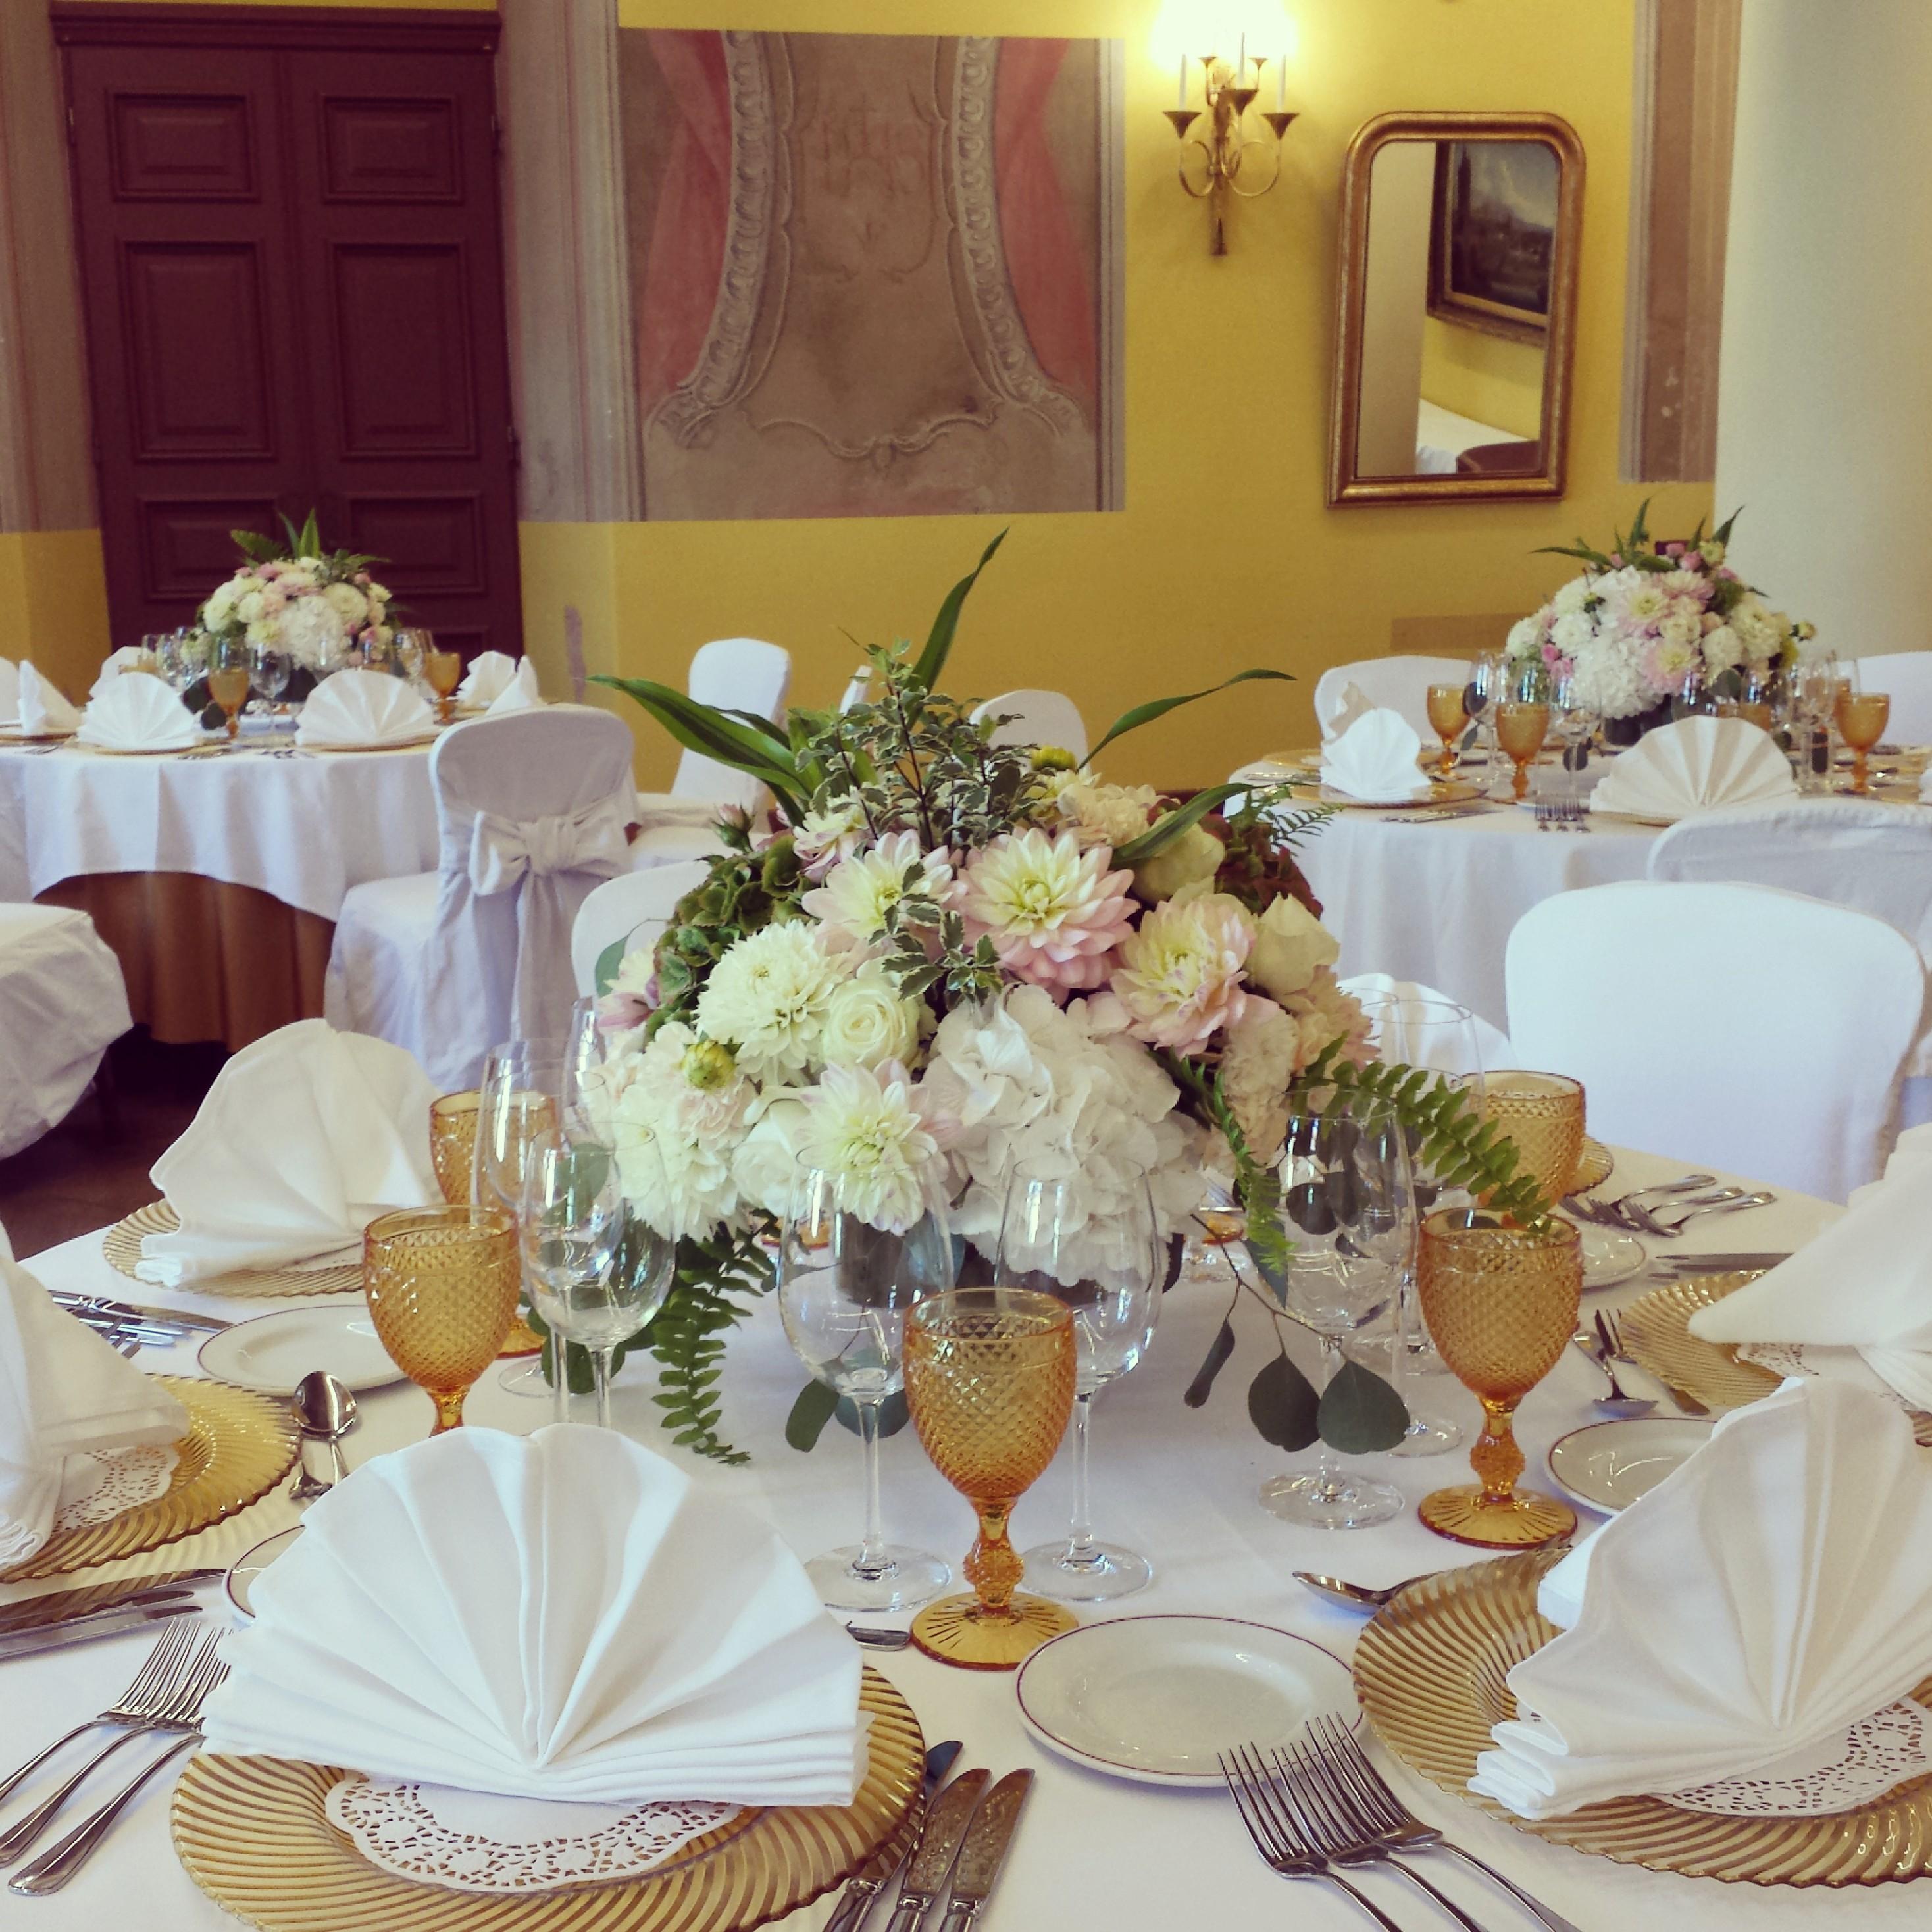 Žemos gėlių kompozicijos ant stalo